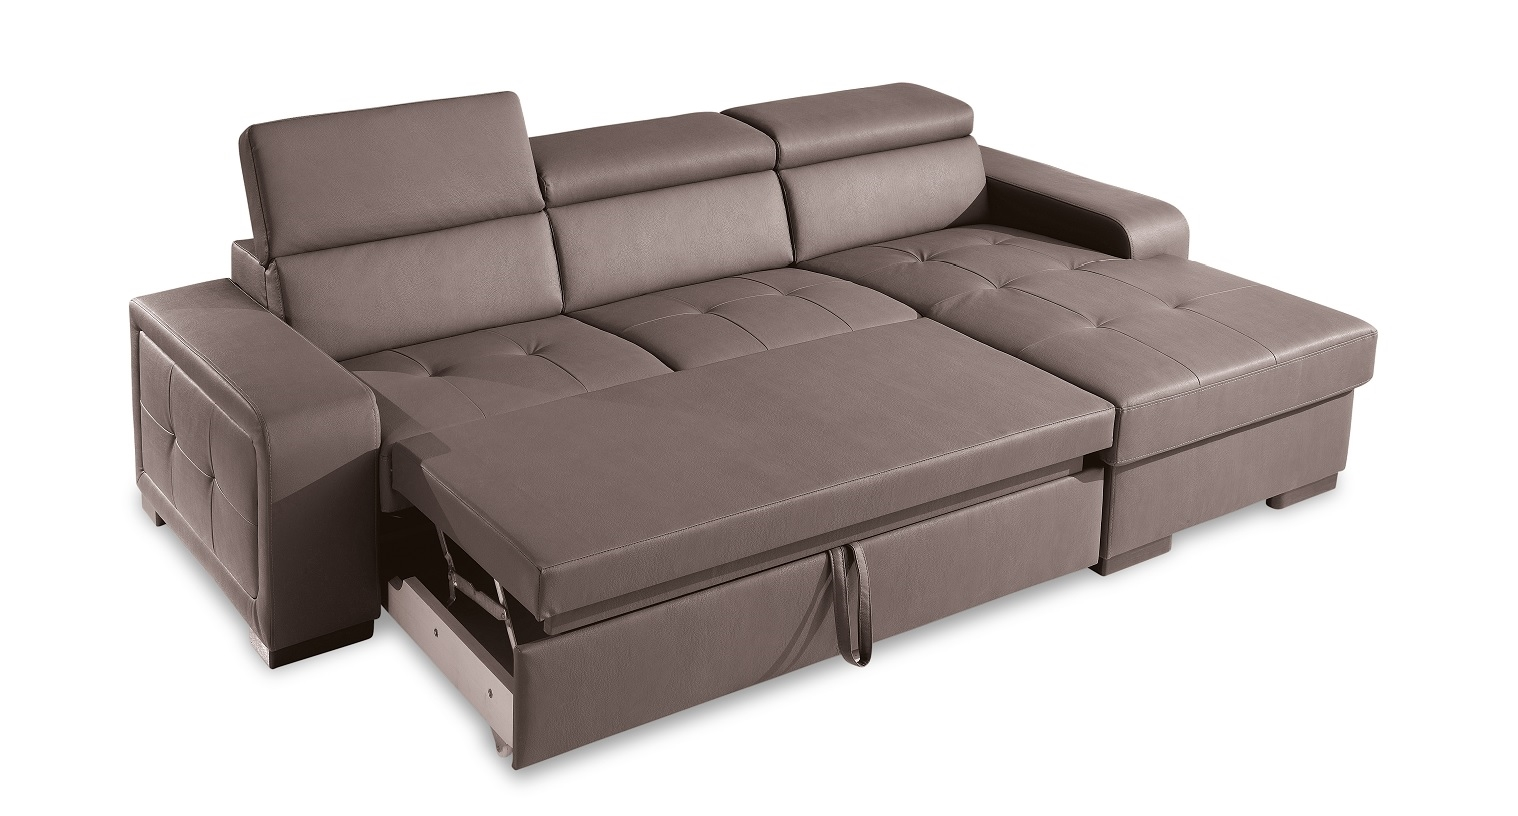 Divano con penisola e letto fine produzione divani a - Divano letto con penisola prezzi ...